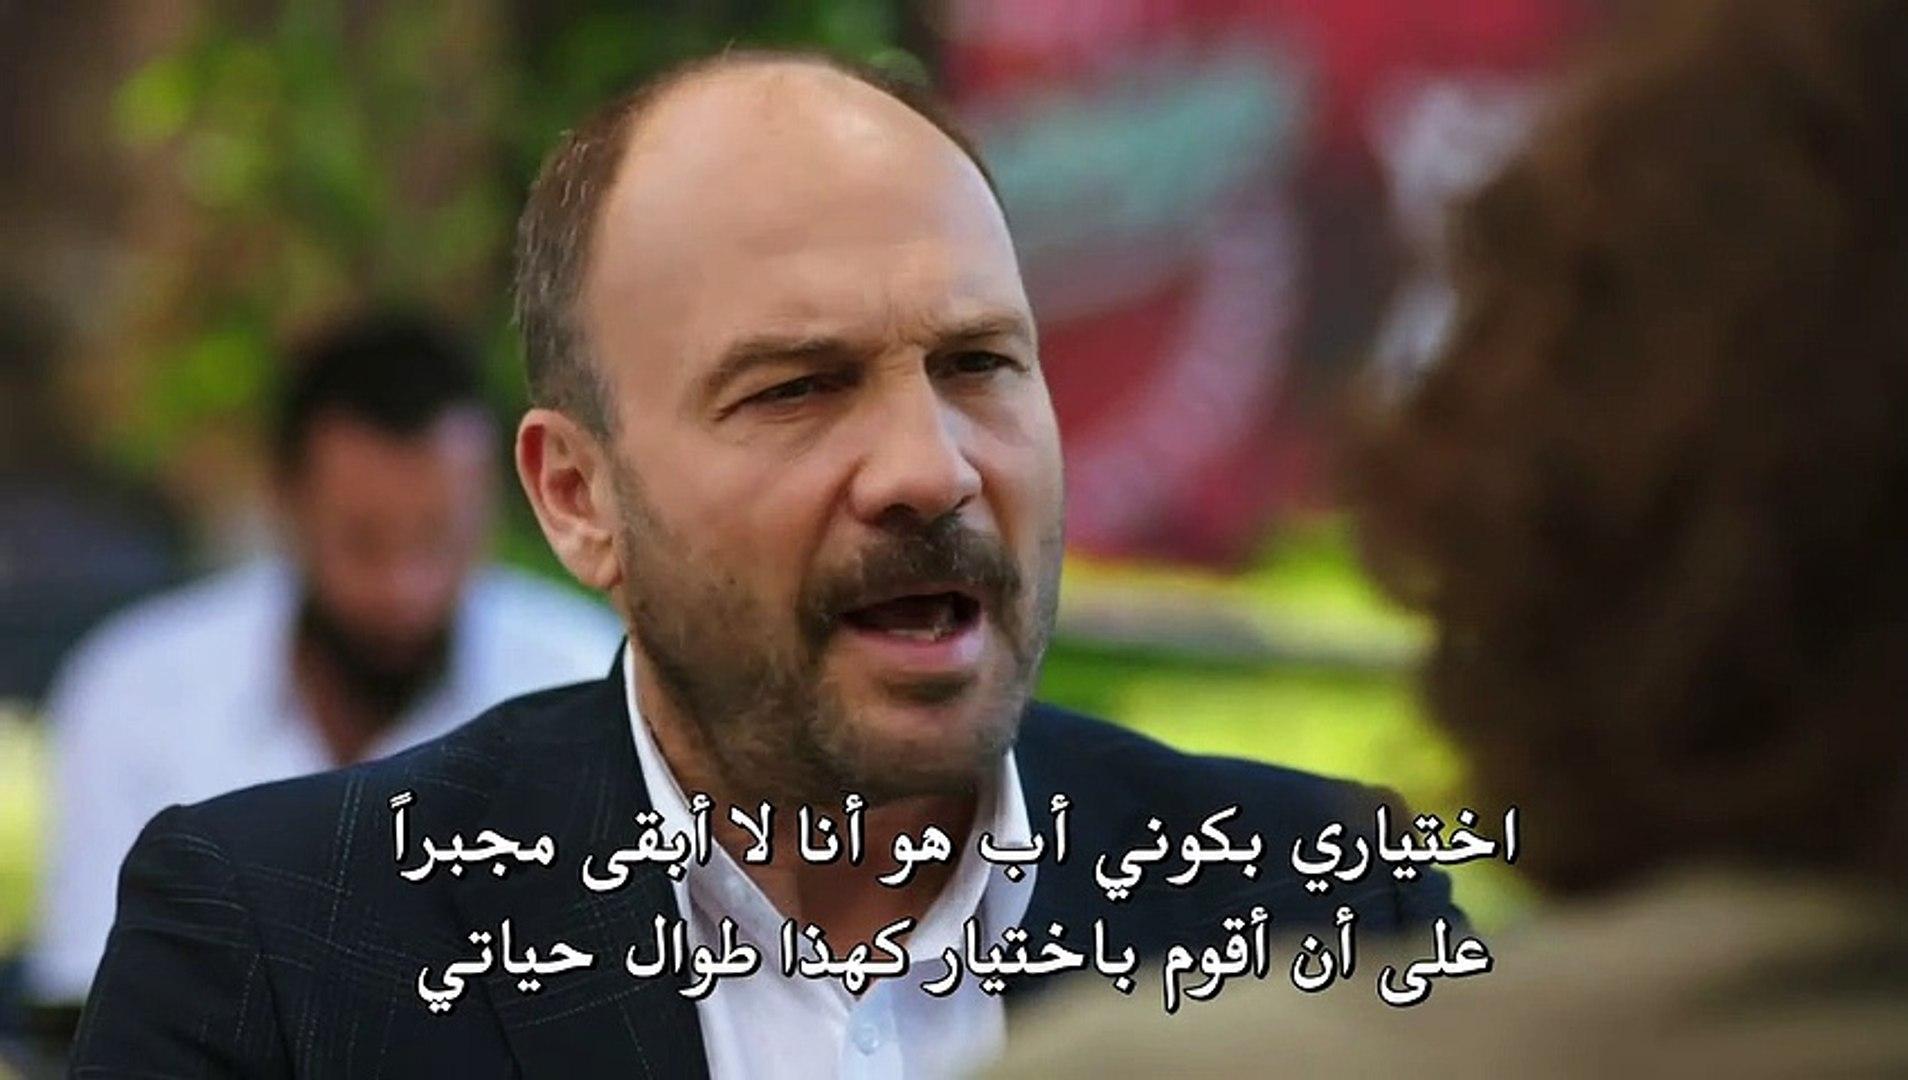 مسلسل فضيلة وبناتها  الموسم الثاني الحلقة 46 كاملة القسم 2 مترجمة للعربية